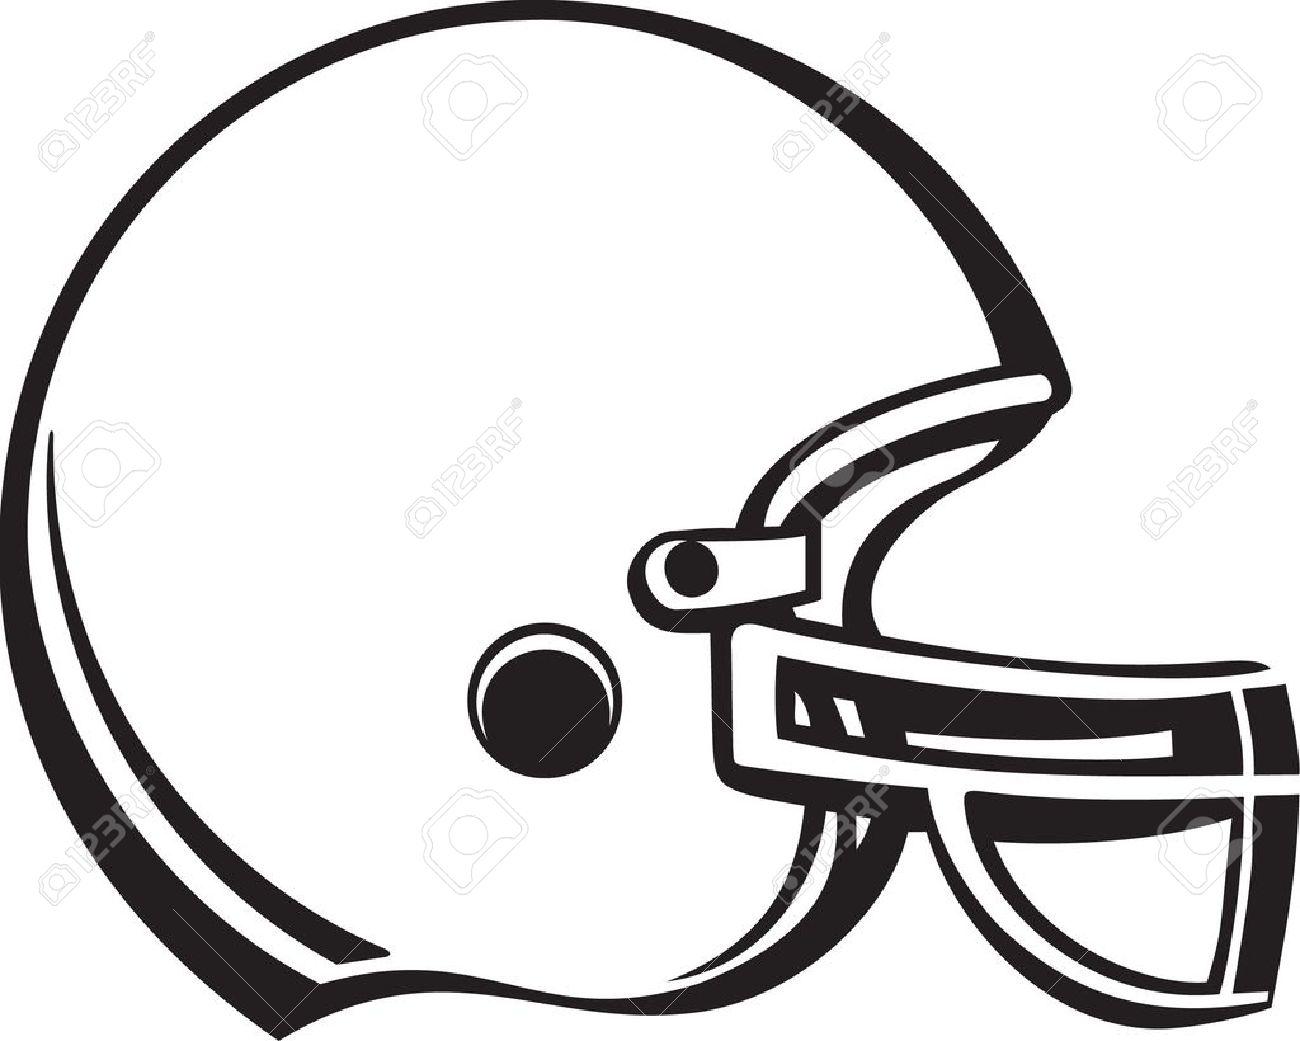 White Football Helmet Clipart